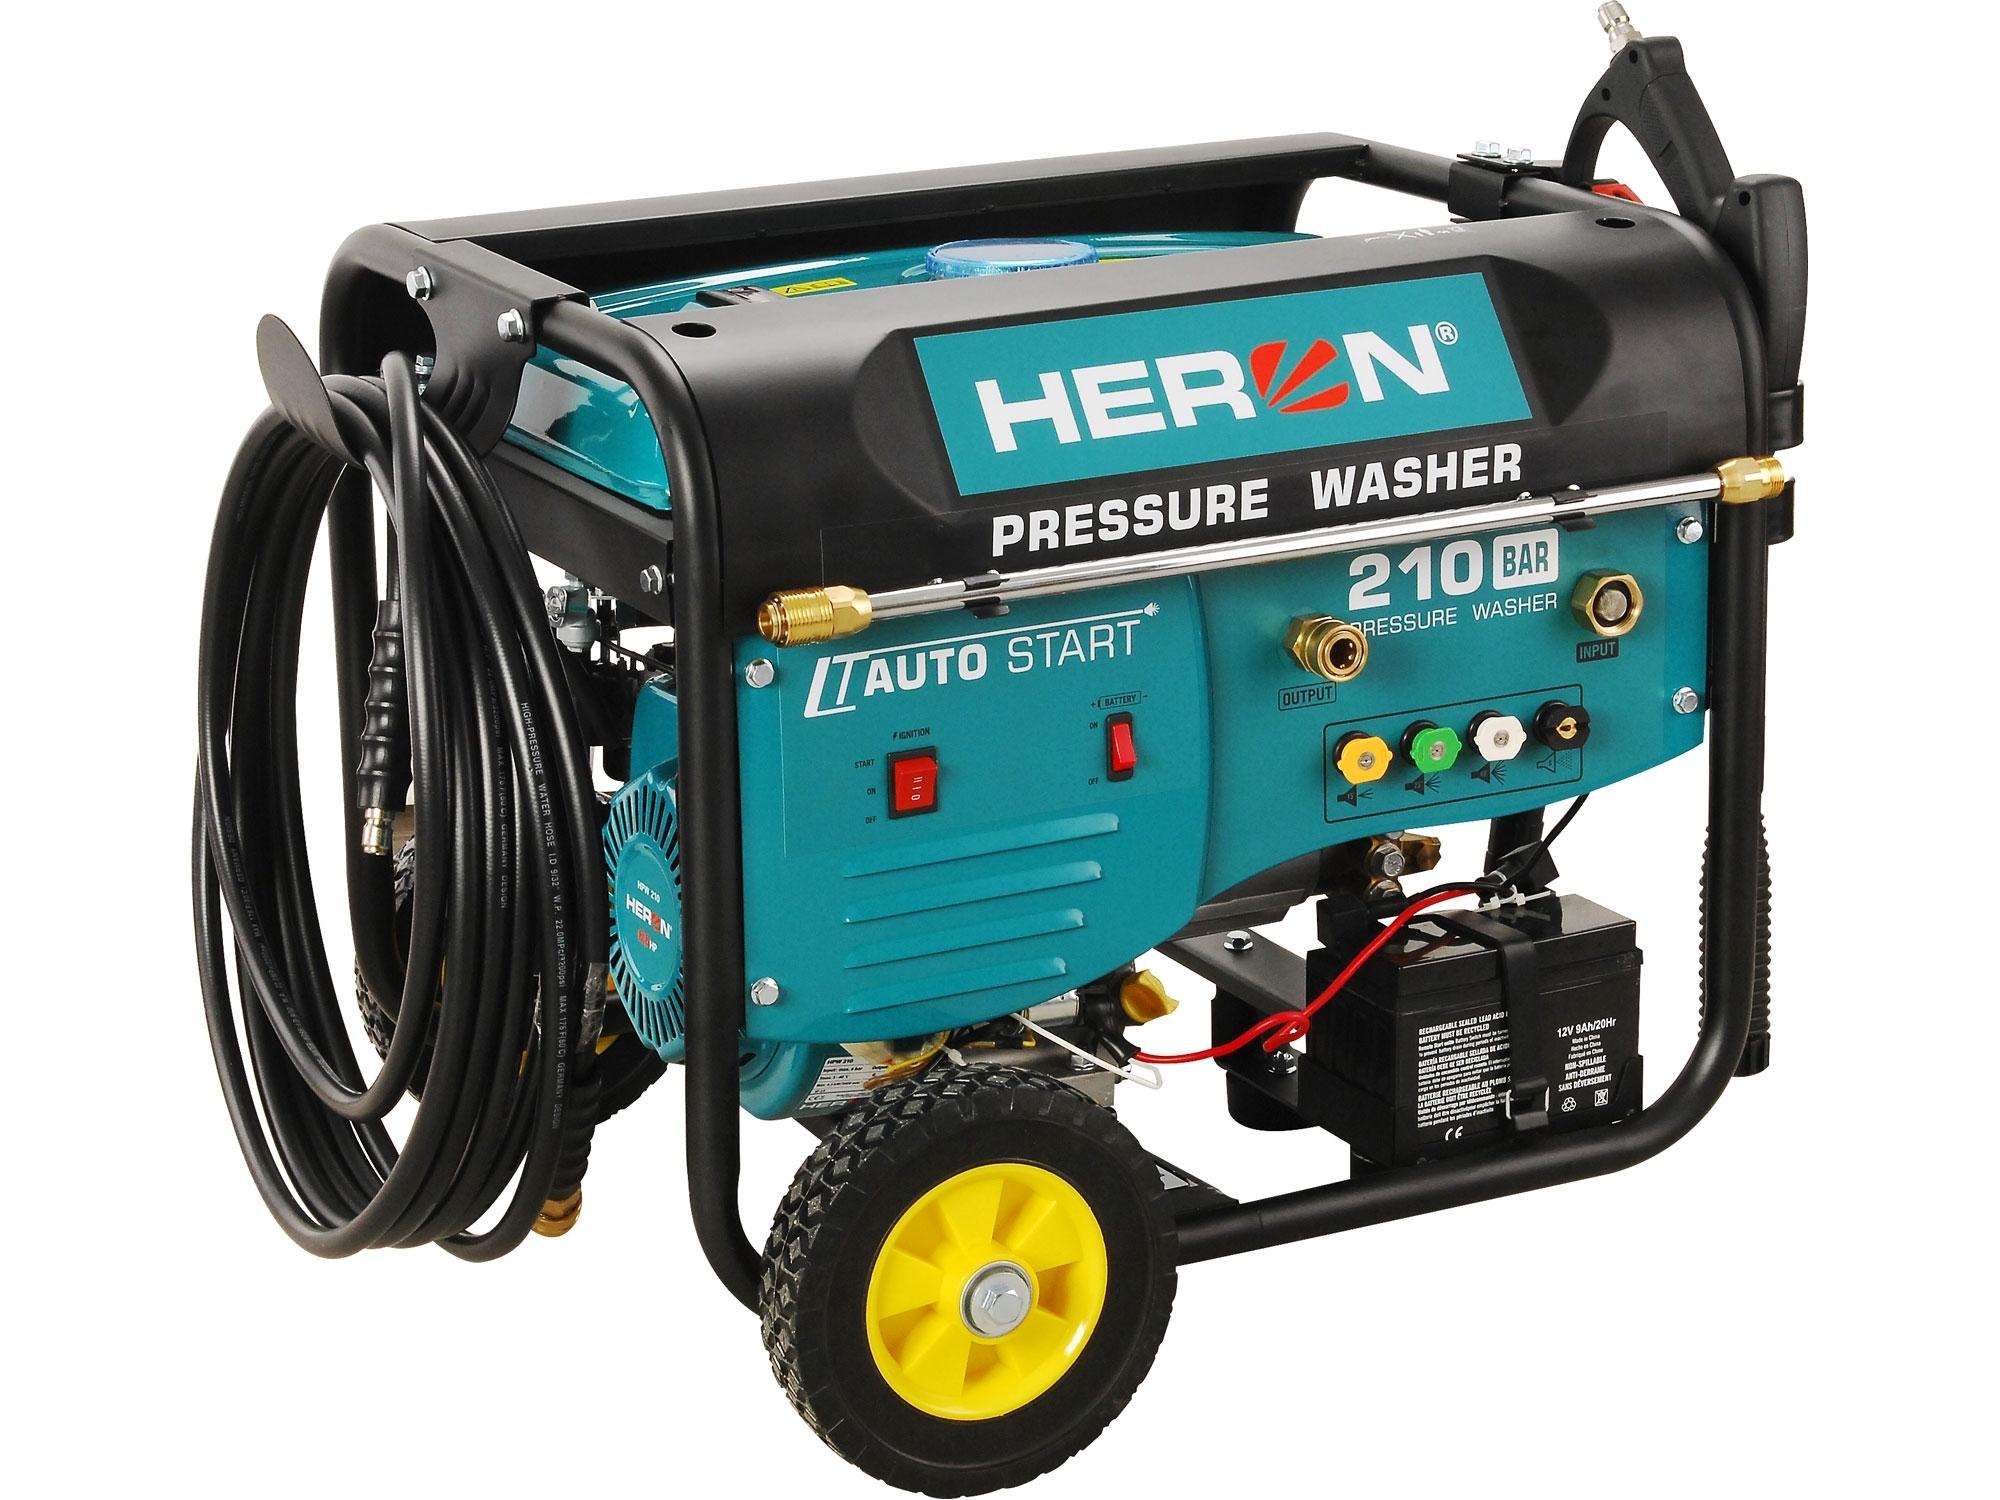 HERON vysokotlaký motorový čistič s dálkovým ovládáním, el. startem, samonasáváním vody a šamponovačem, 210bar